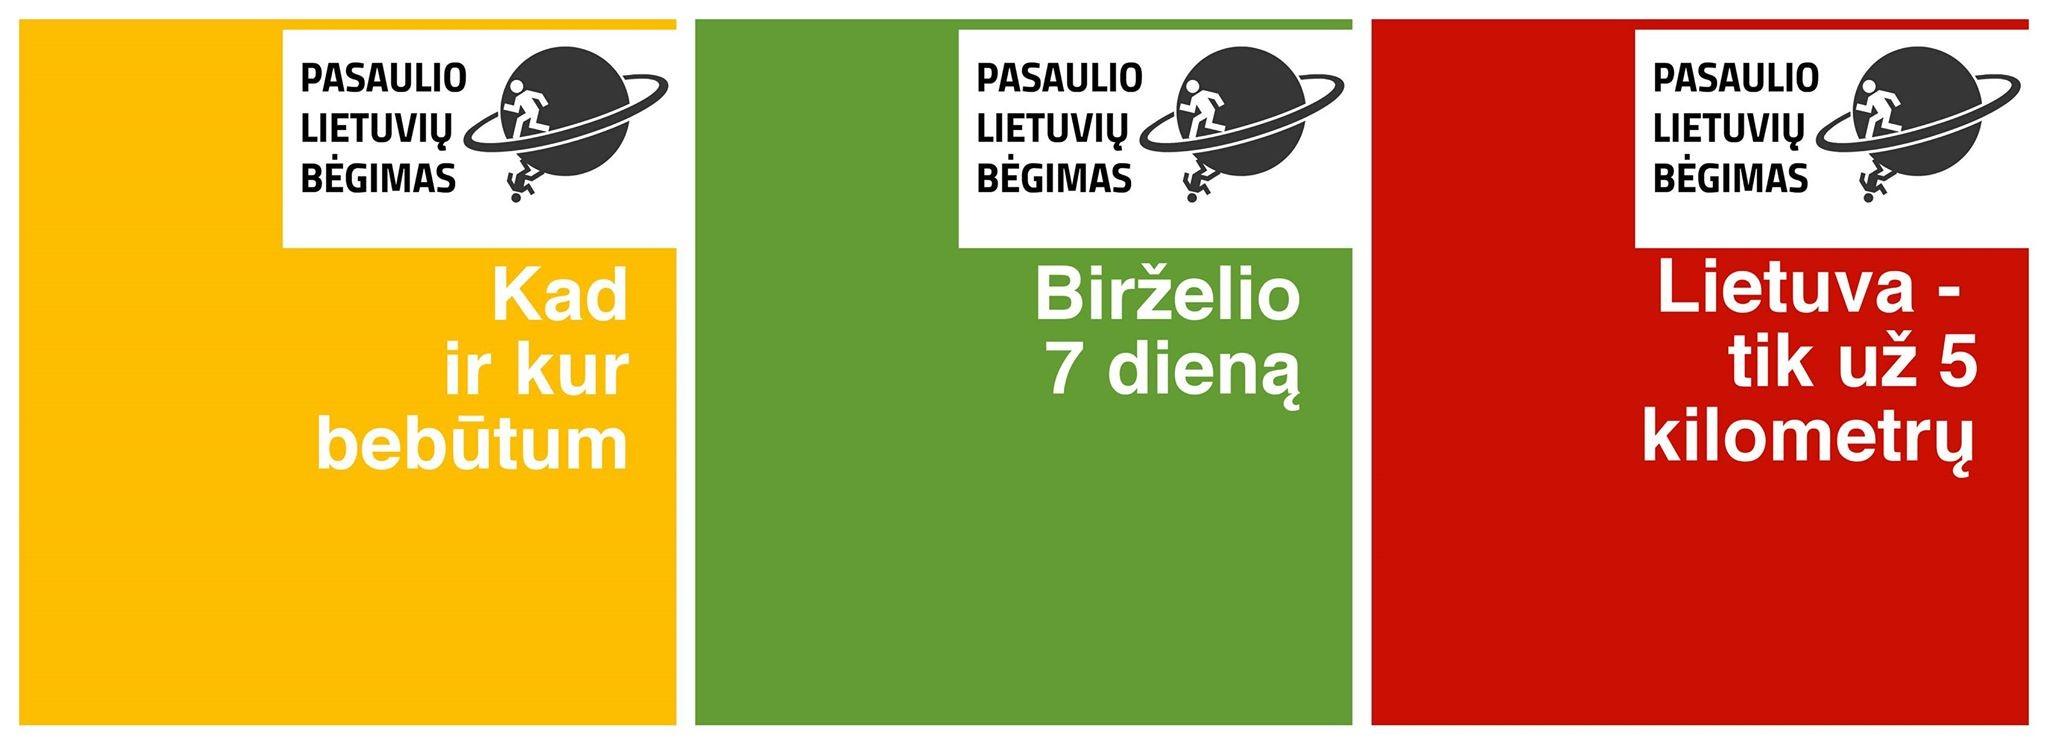 """PrLB susitikimas 2015.6.7 ir pasaulio lietuvių bėgimas """"5 už Lietuvą"""""""